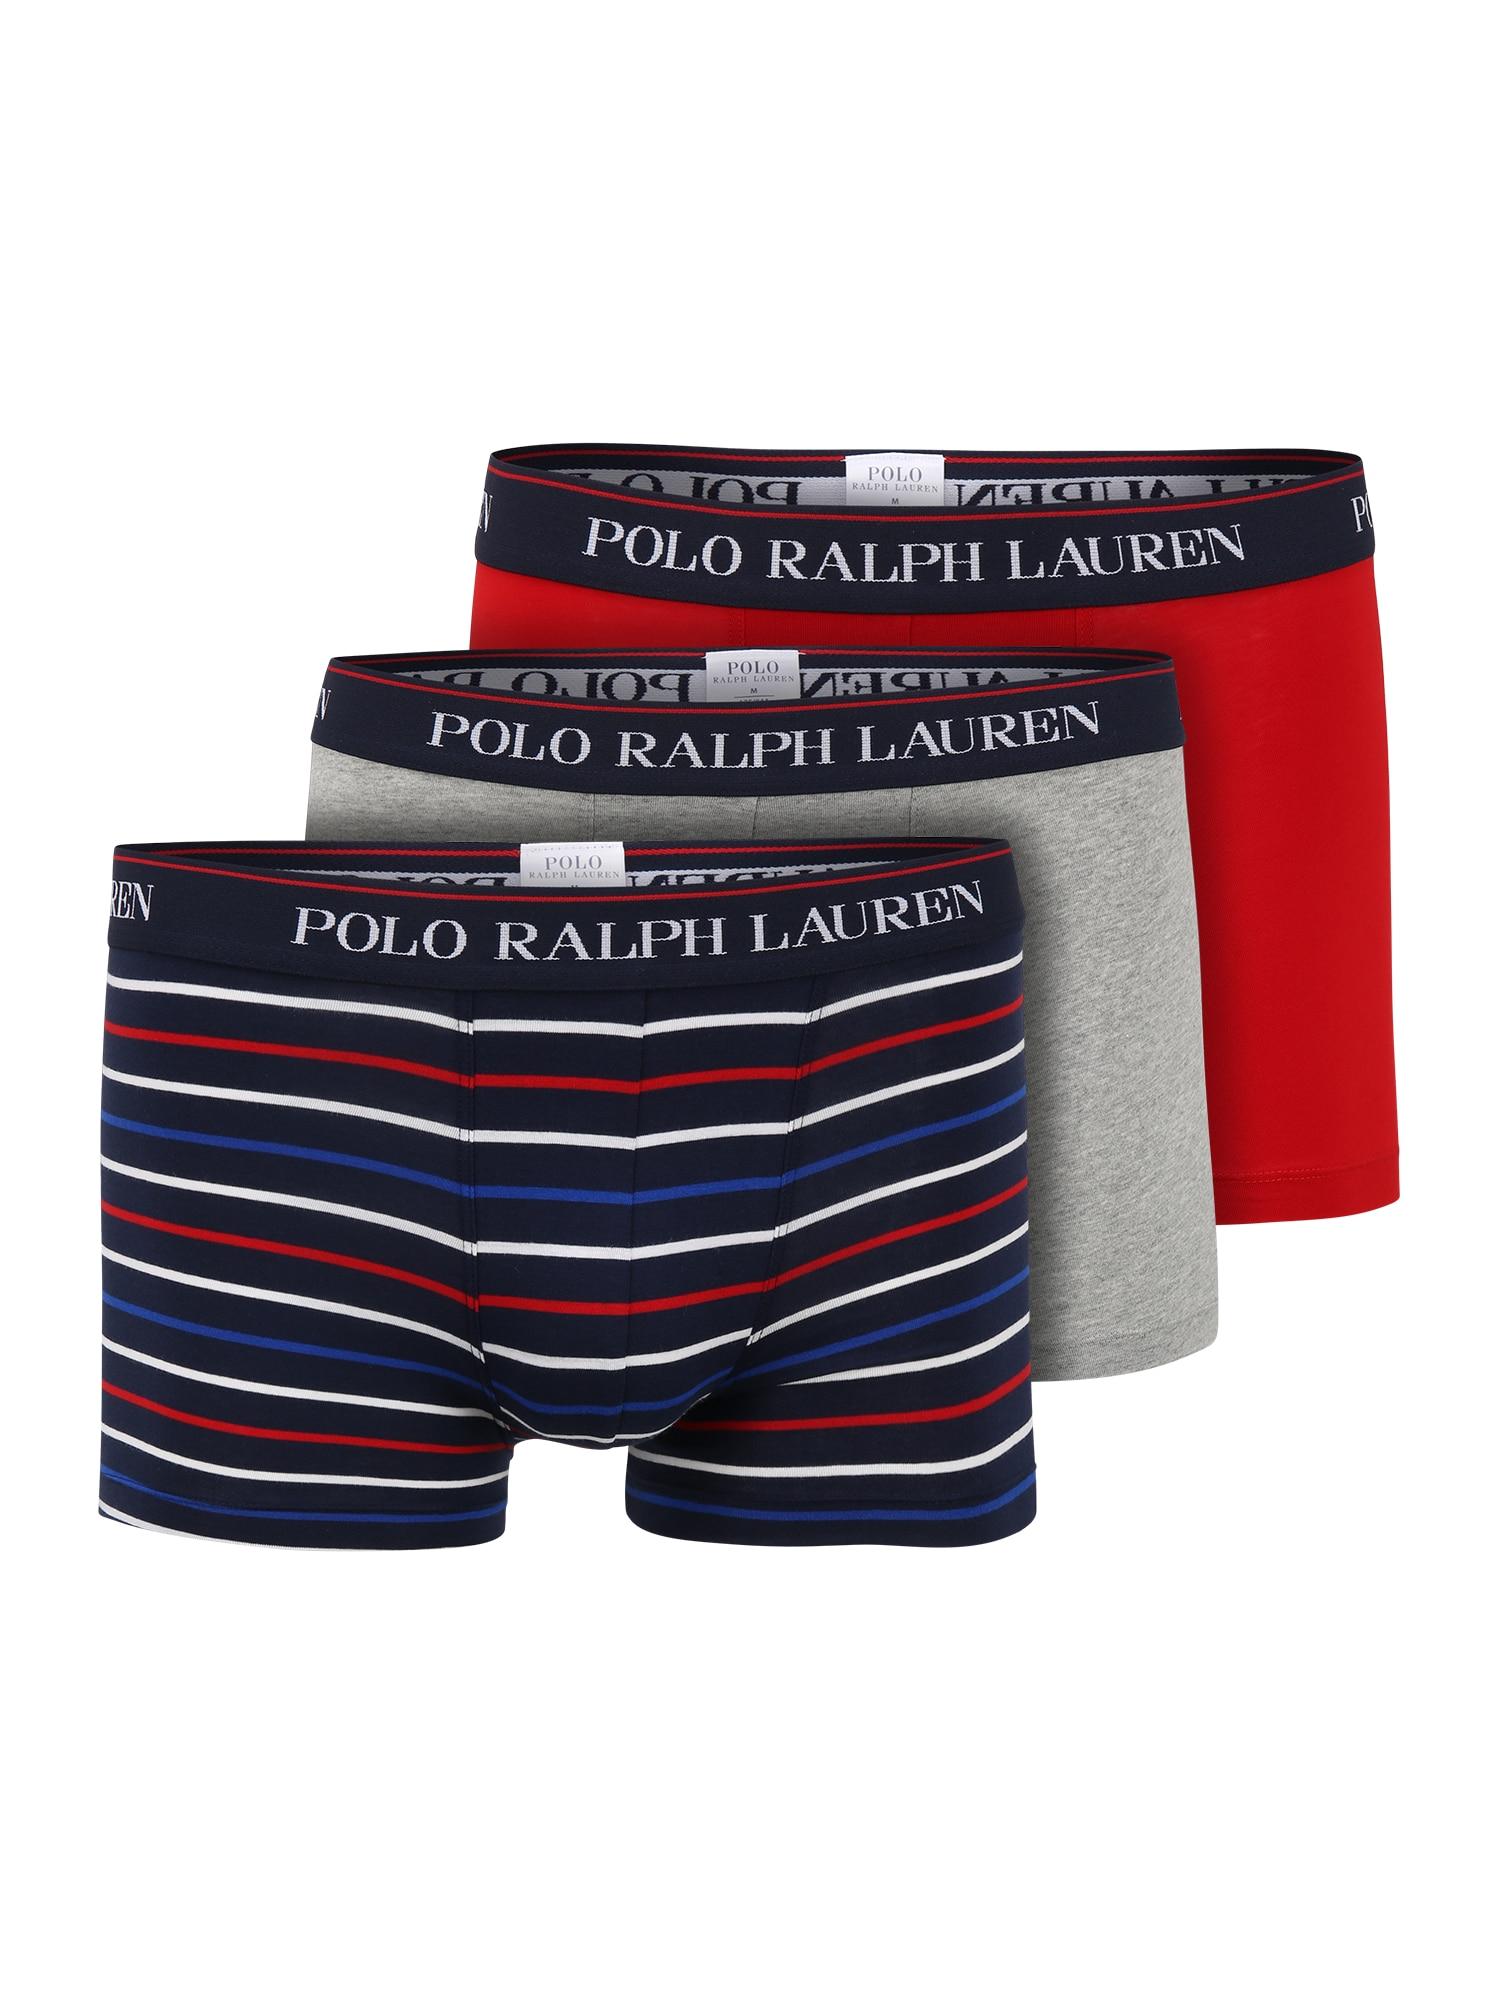 POLO RALPH LAUREN Boxer trumpikės tamsiai mėlyna / balta / raudona / margai pilka